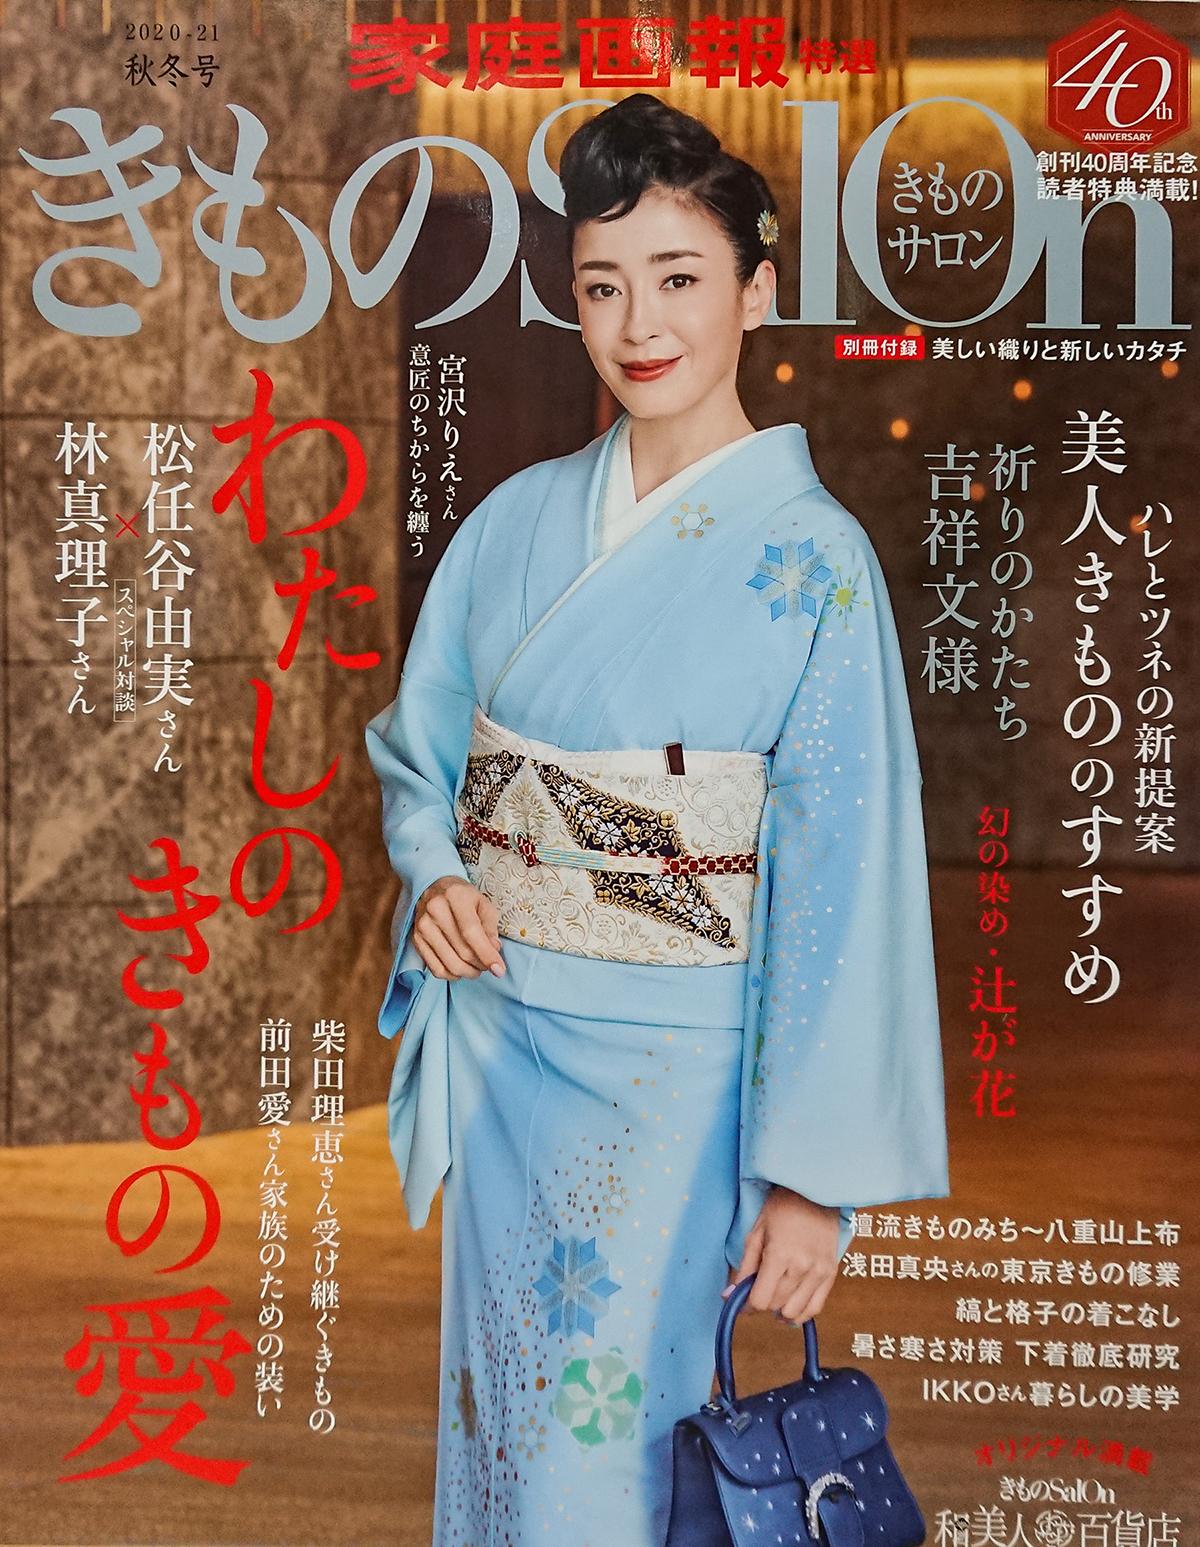 「きものSalon」2020-21秋冬号に掲載されました!